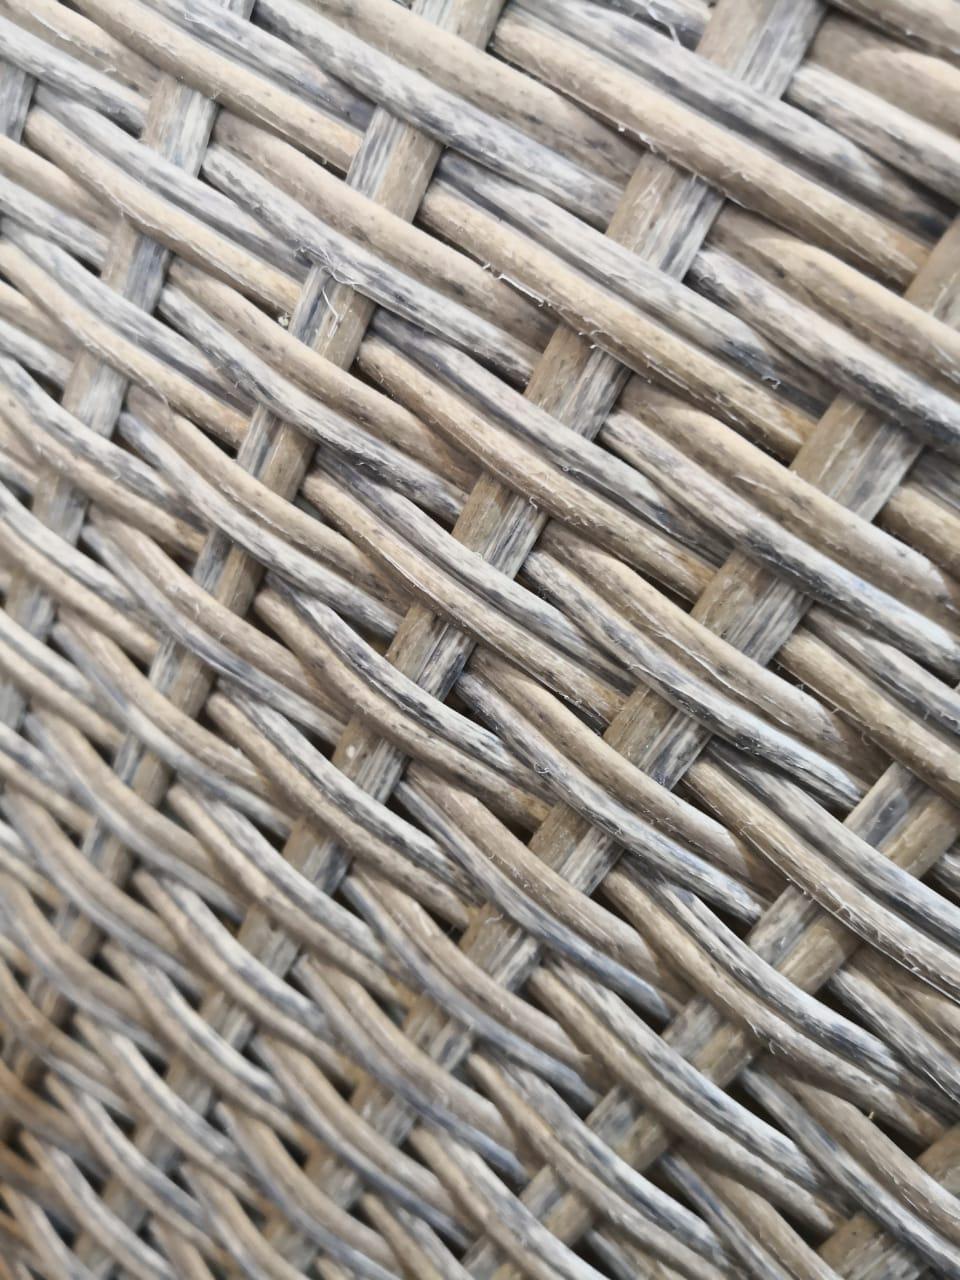 картинка BET 8 LBrown Комплект мебели обеденный плетеный из ротанга от магазина InYard